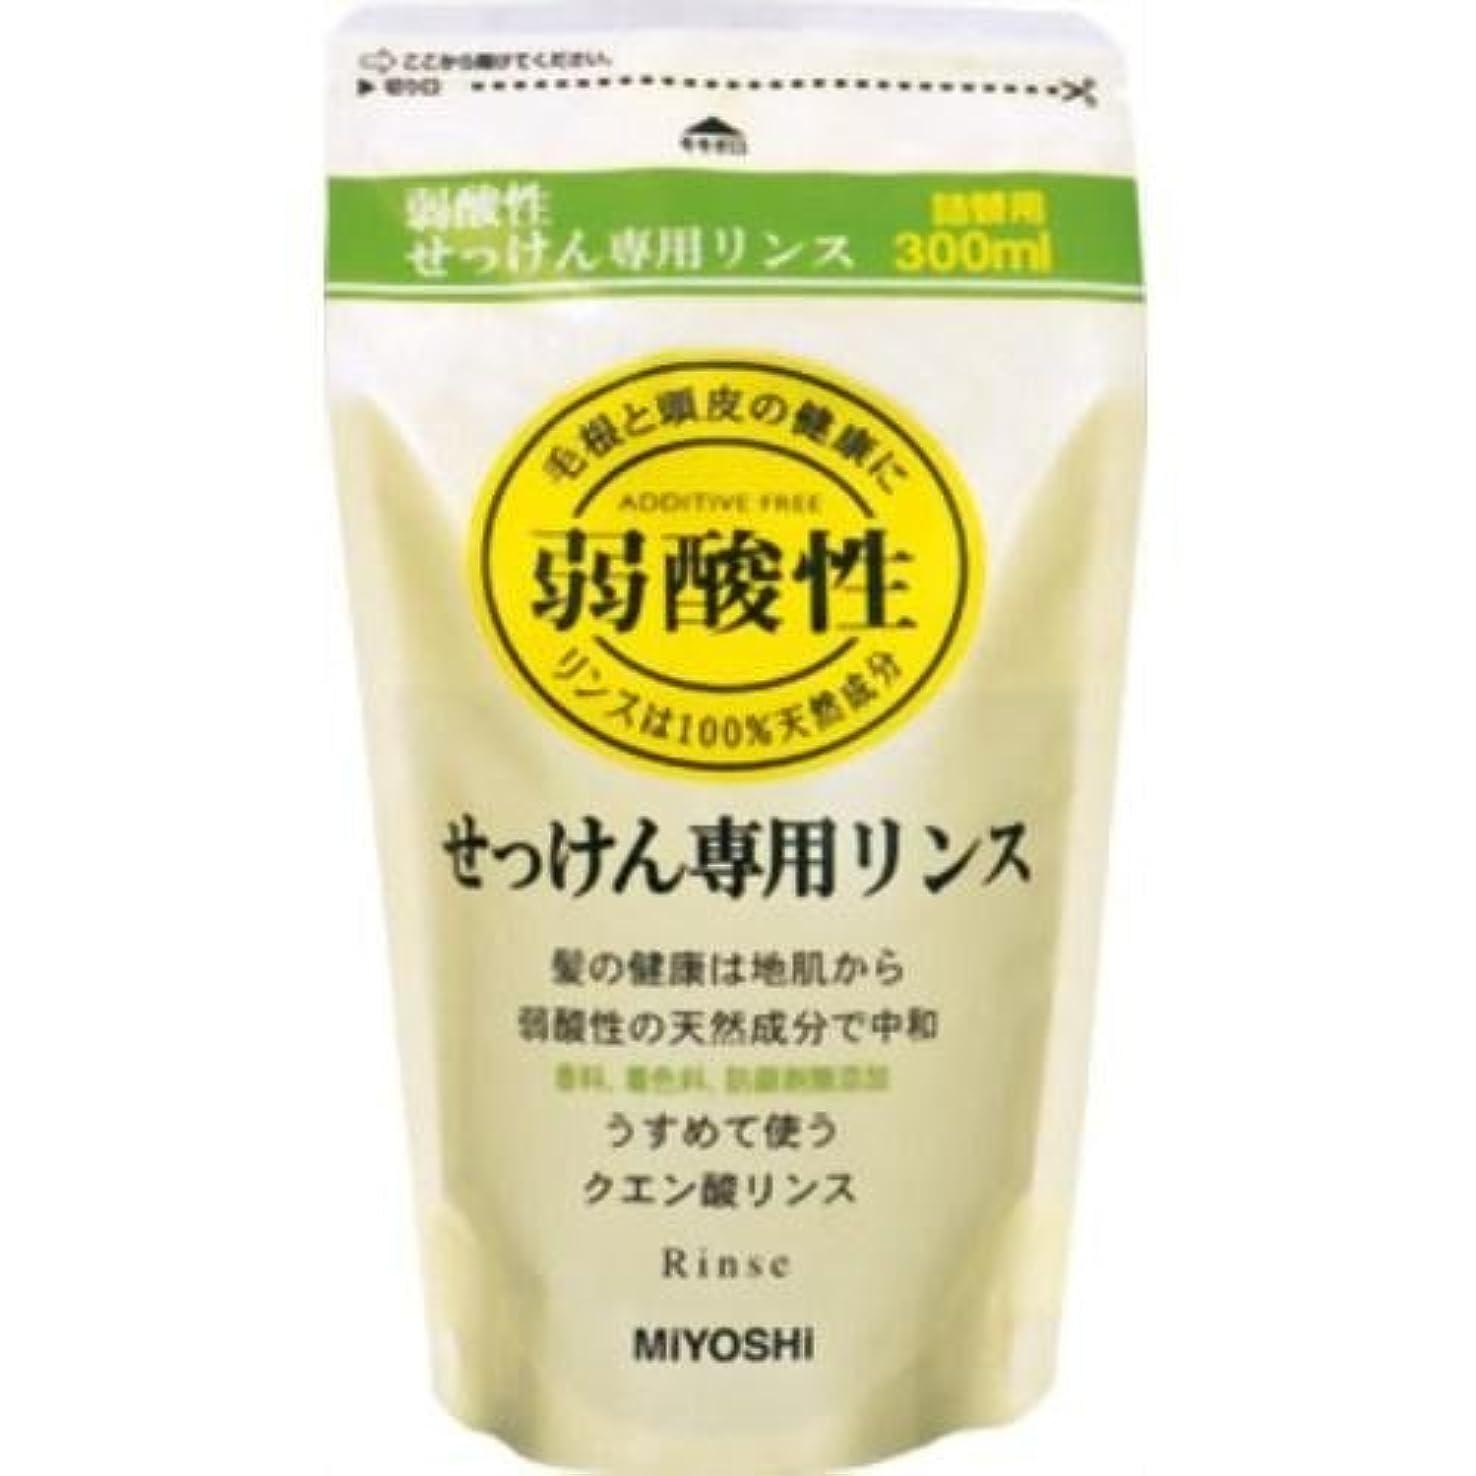 穀物複合あなたはミヨシ石鹸  無添加 せっけんシャンプー専用リンス つめかえ用 300ml×20点セット (石鹸シャンプー用リンス)